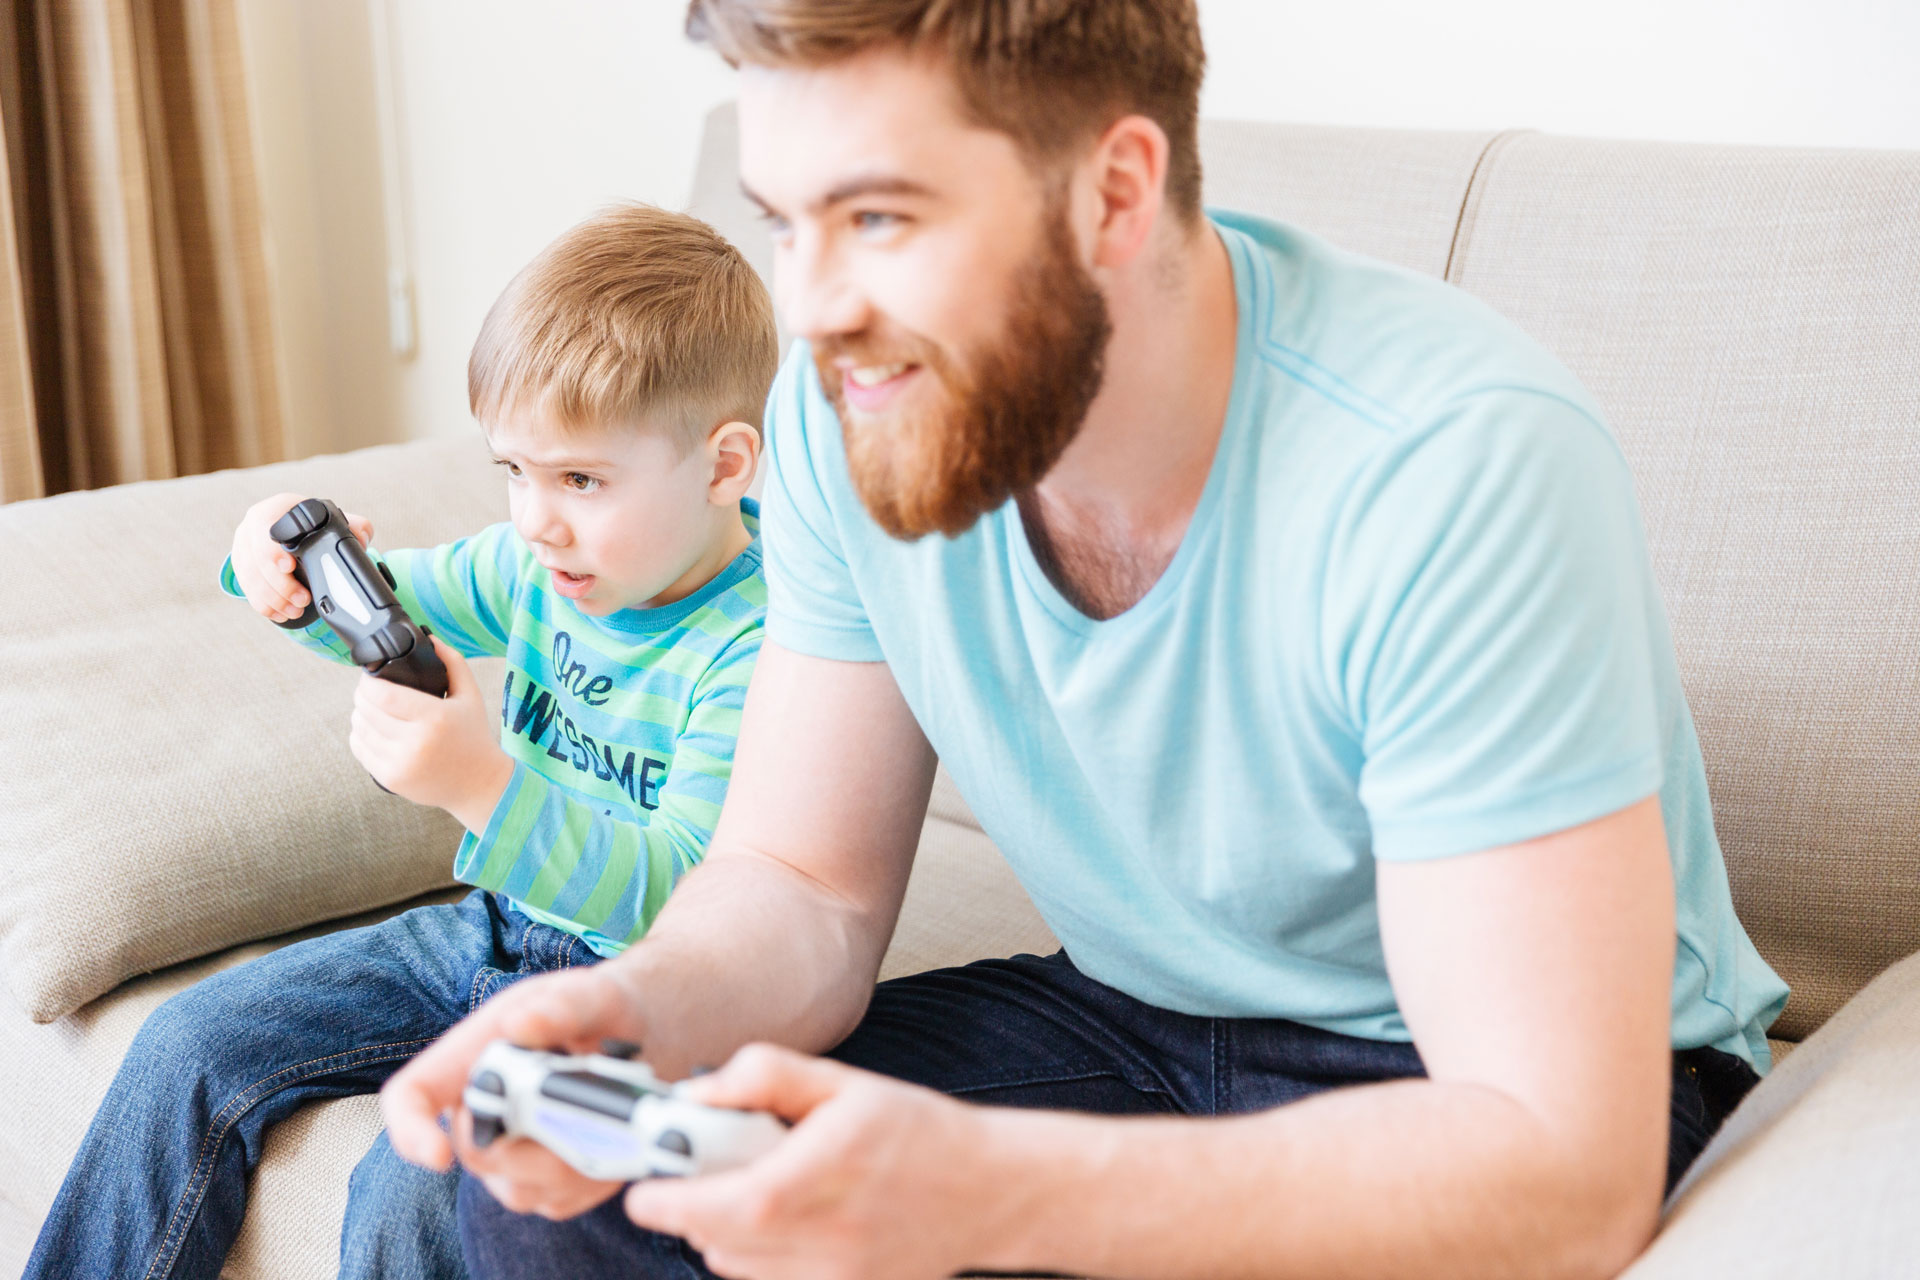 ¿Se puede corregir la falta de visión tridimensional derivada del estrabismo con videojuegos?